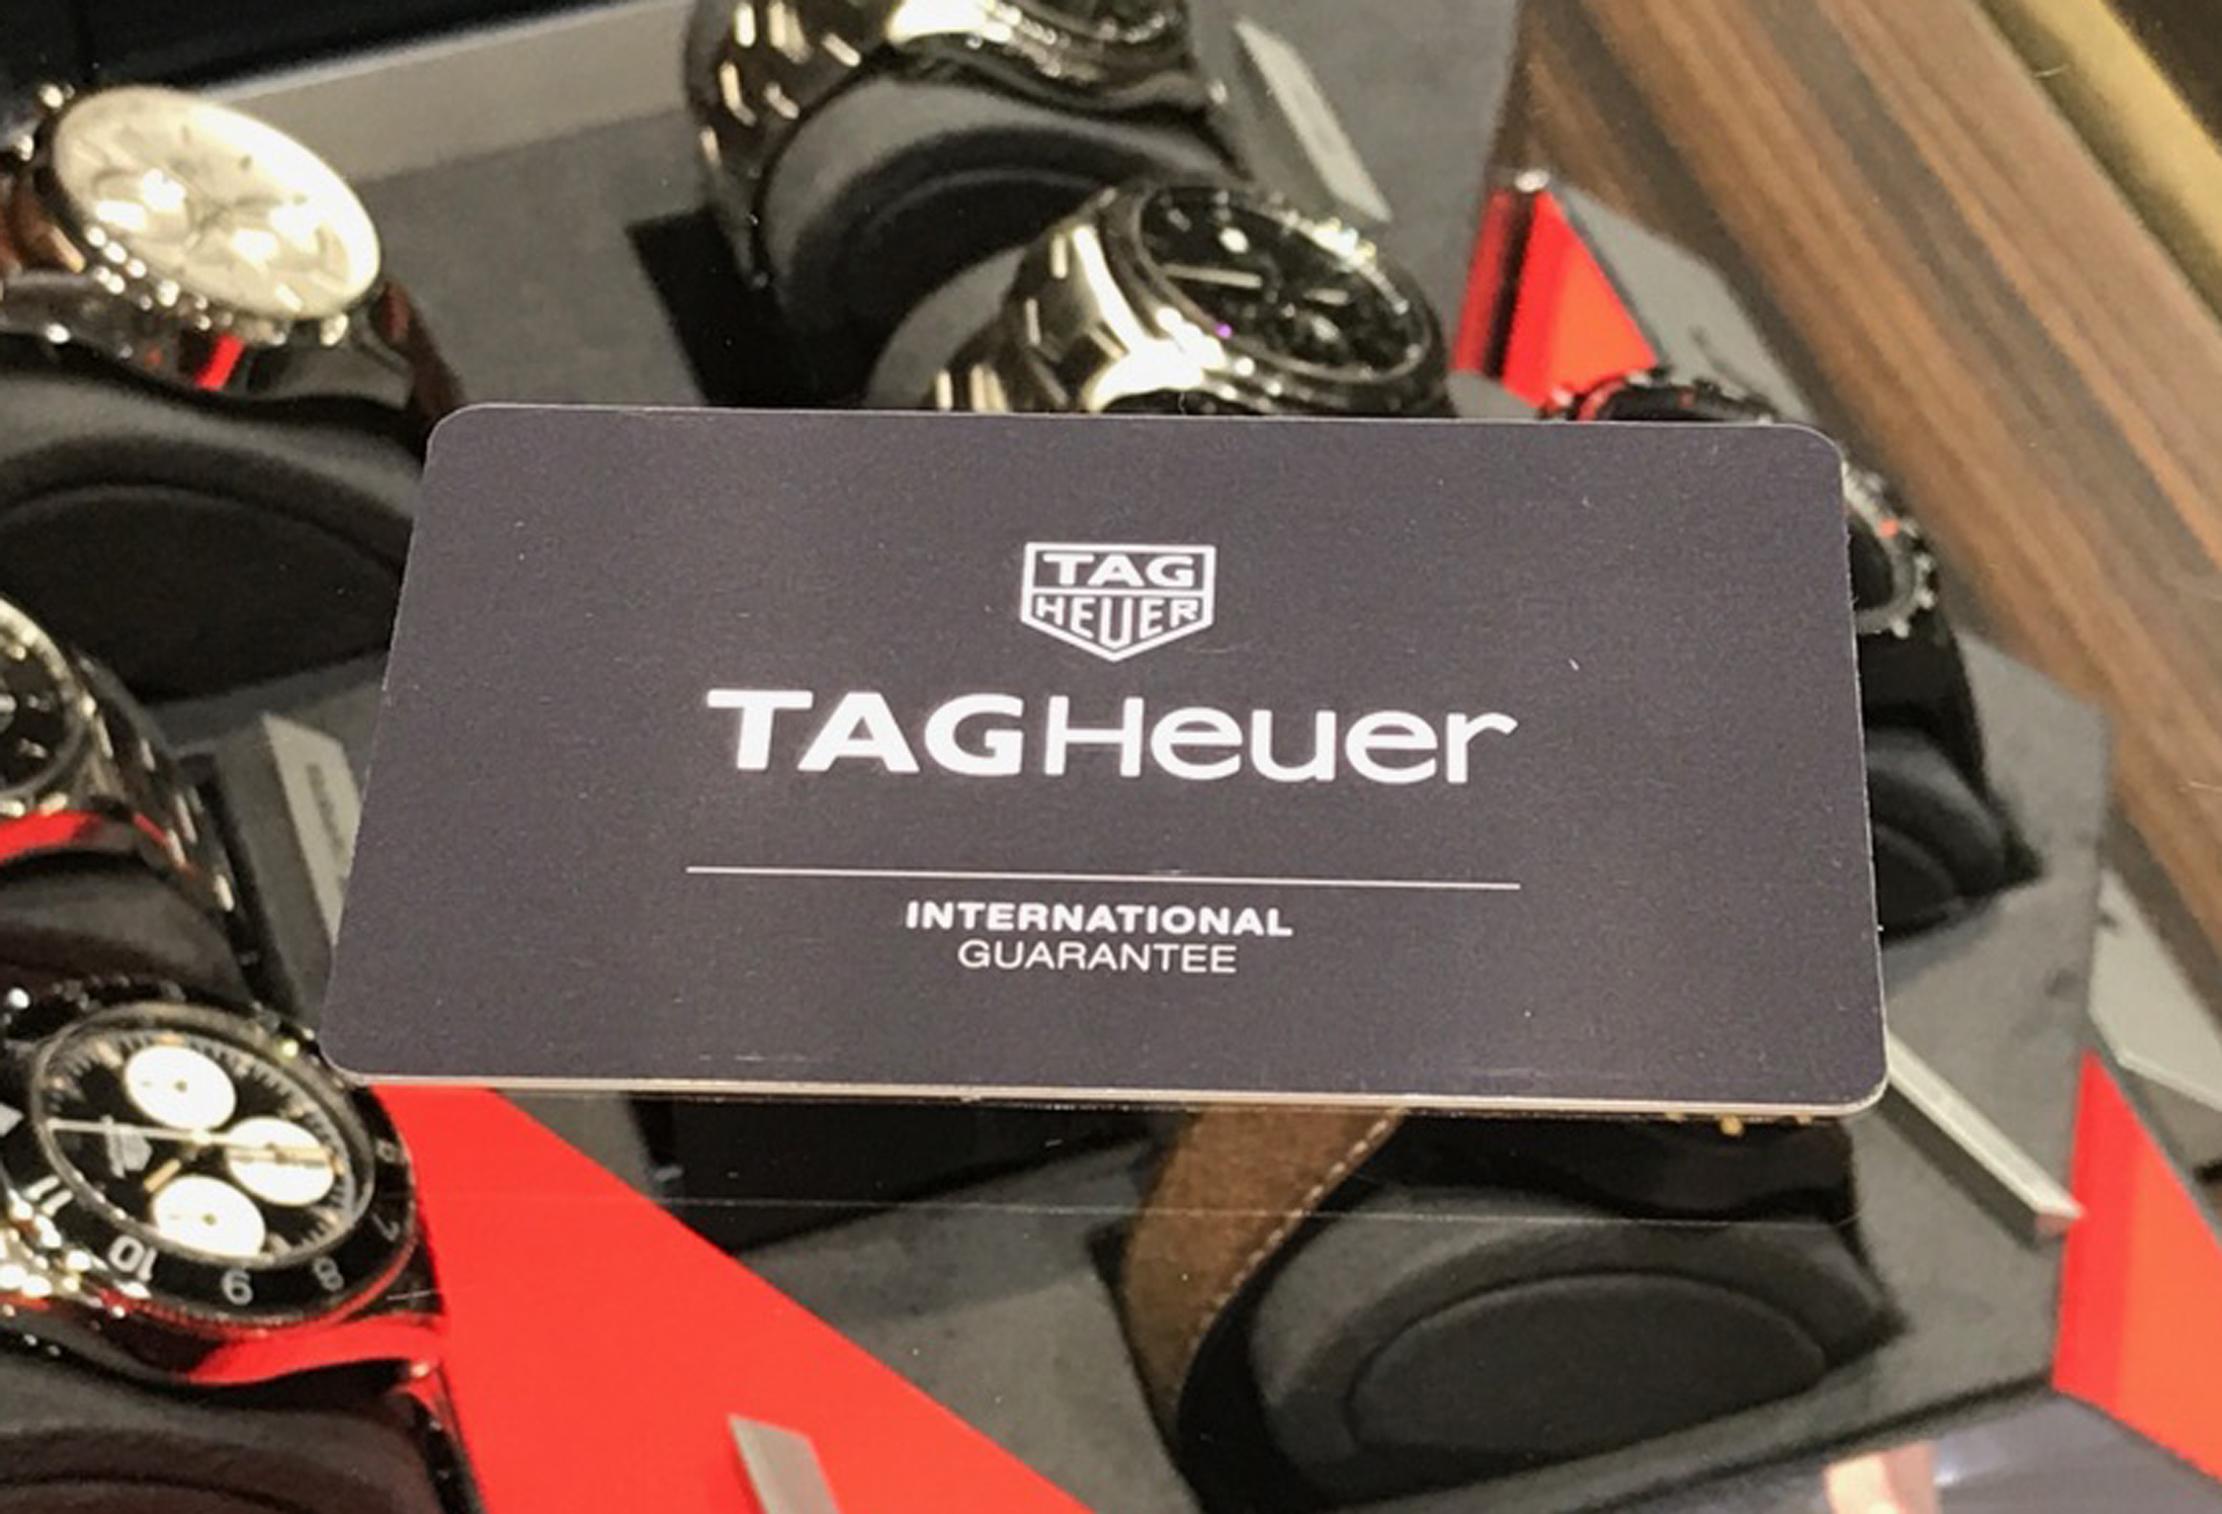 【静岡・富士・富士宮】TAGHeuer タグホイヤー保証(アフターサービス)